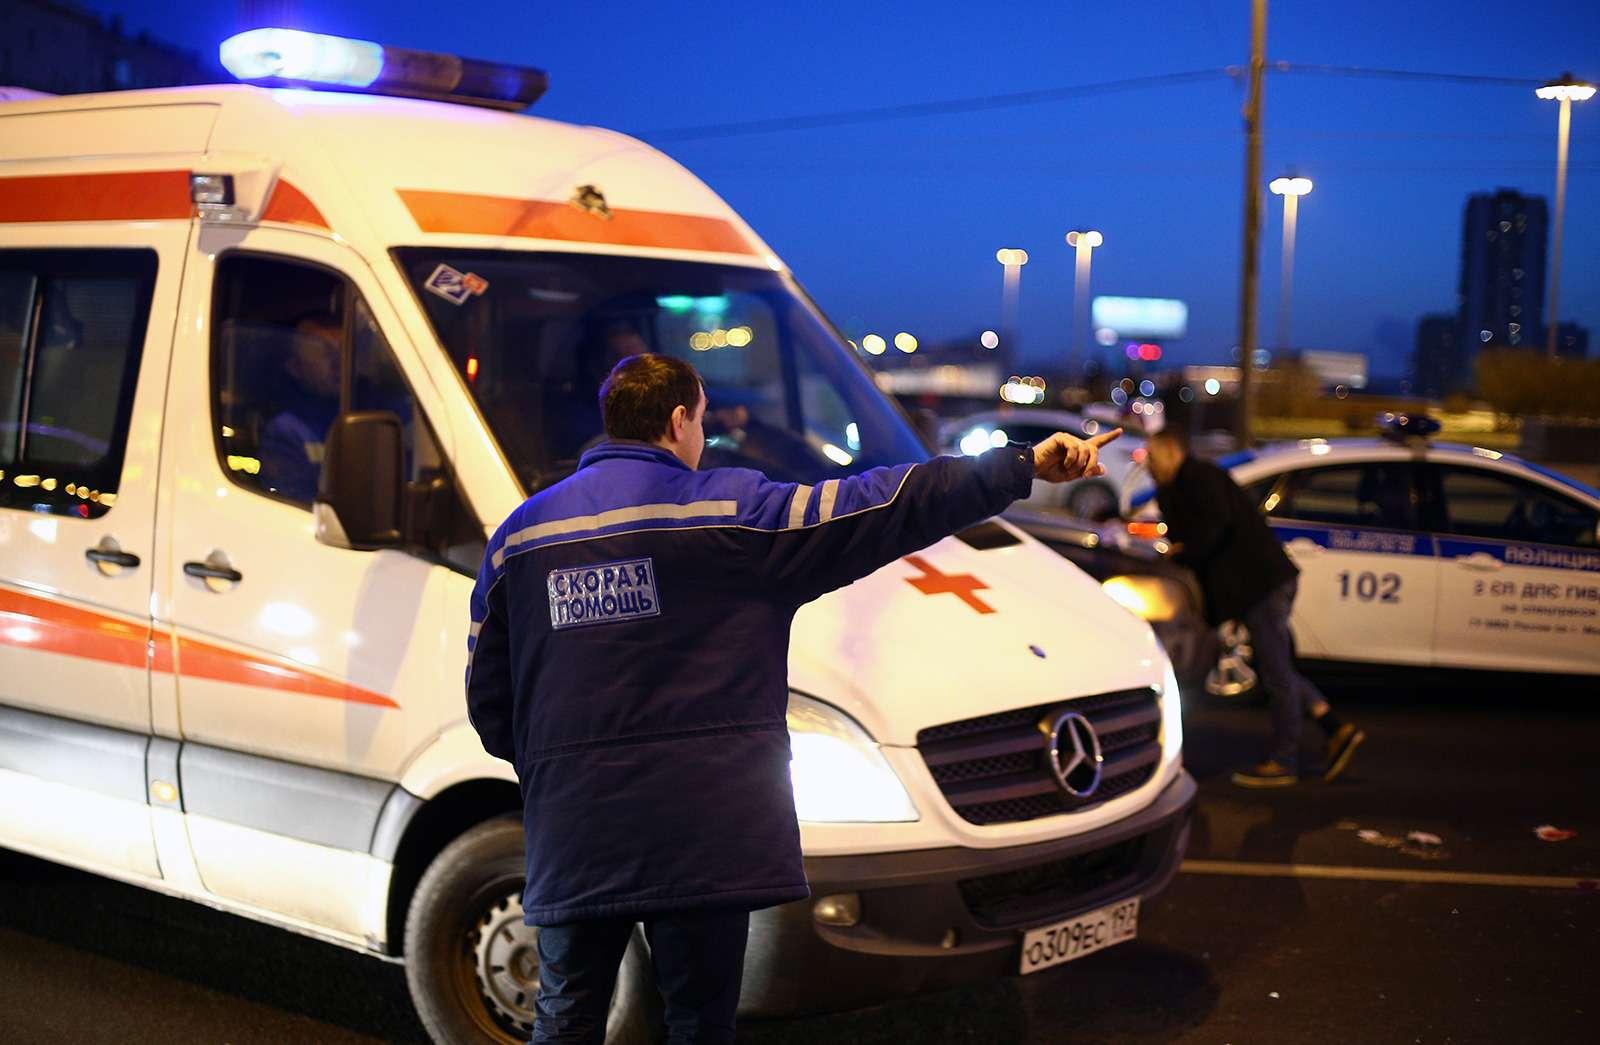 Страшное ДТП вМоскве: спасатели обнаружили труп пассажира вбагажнике